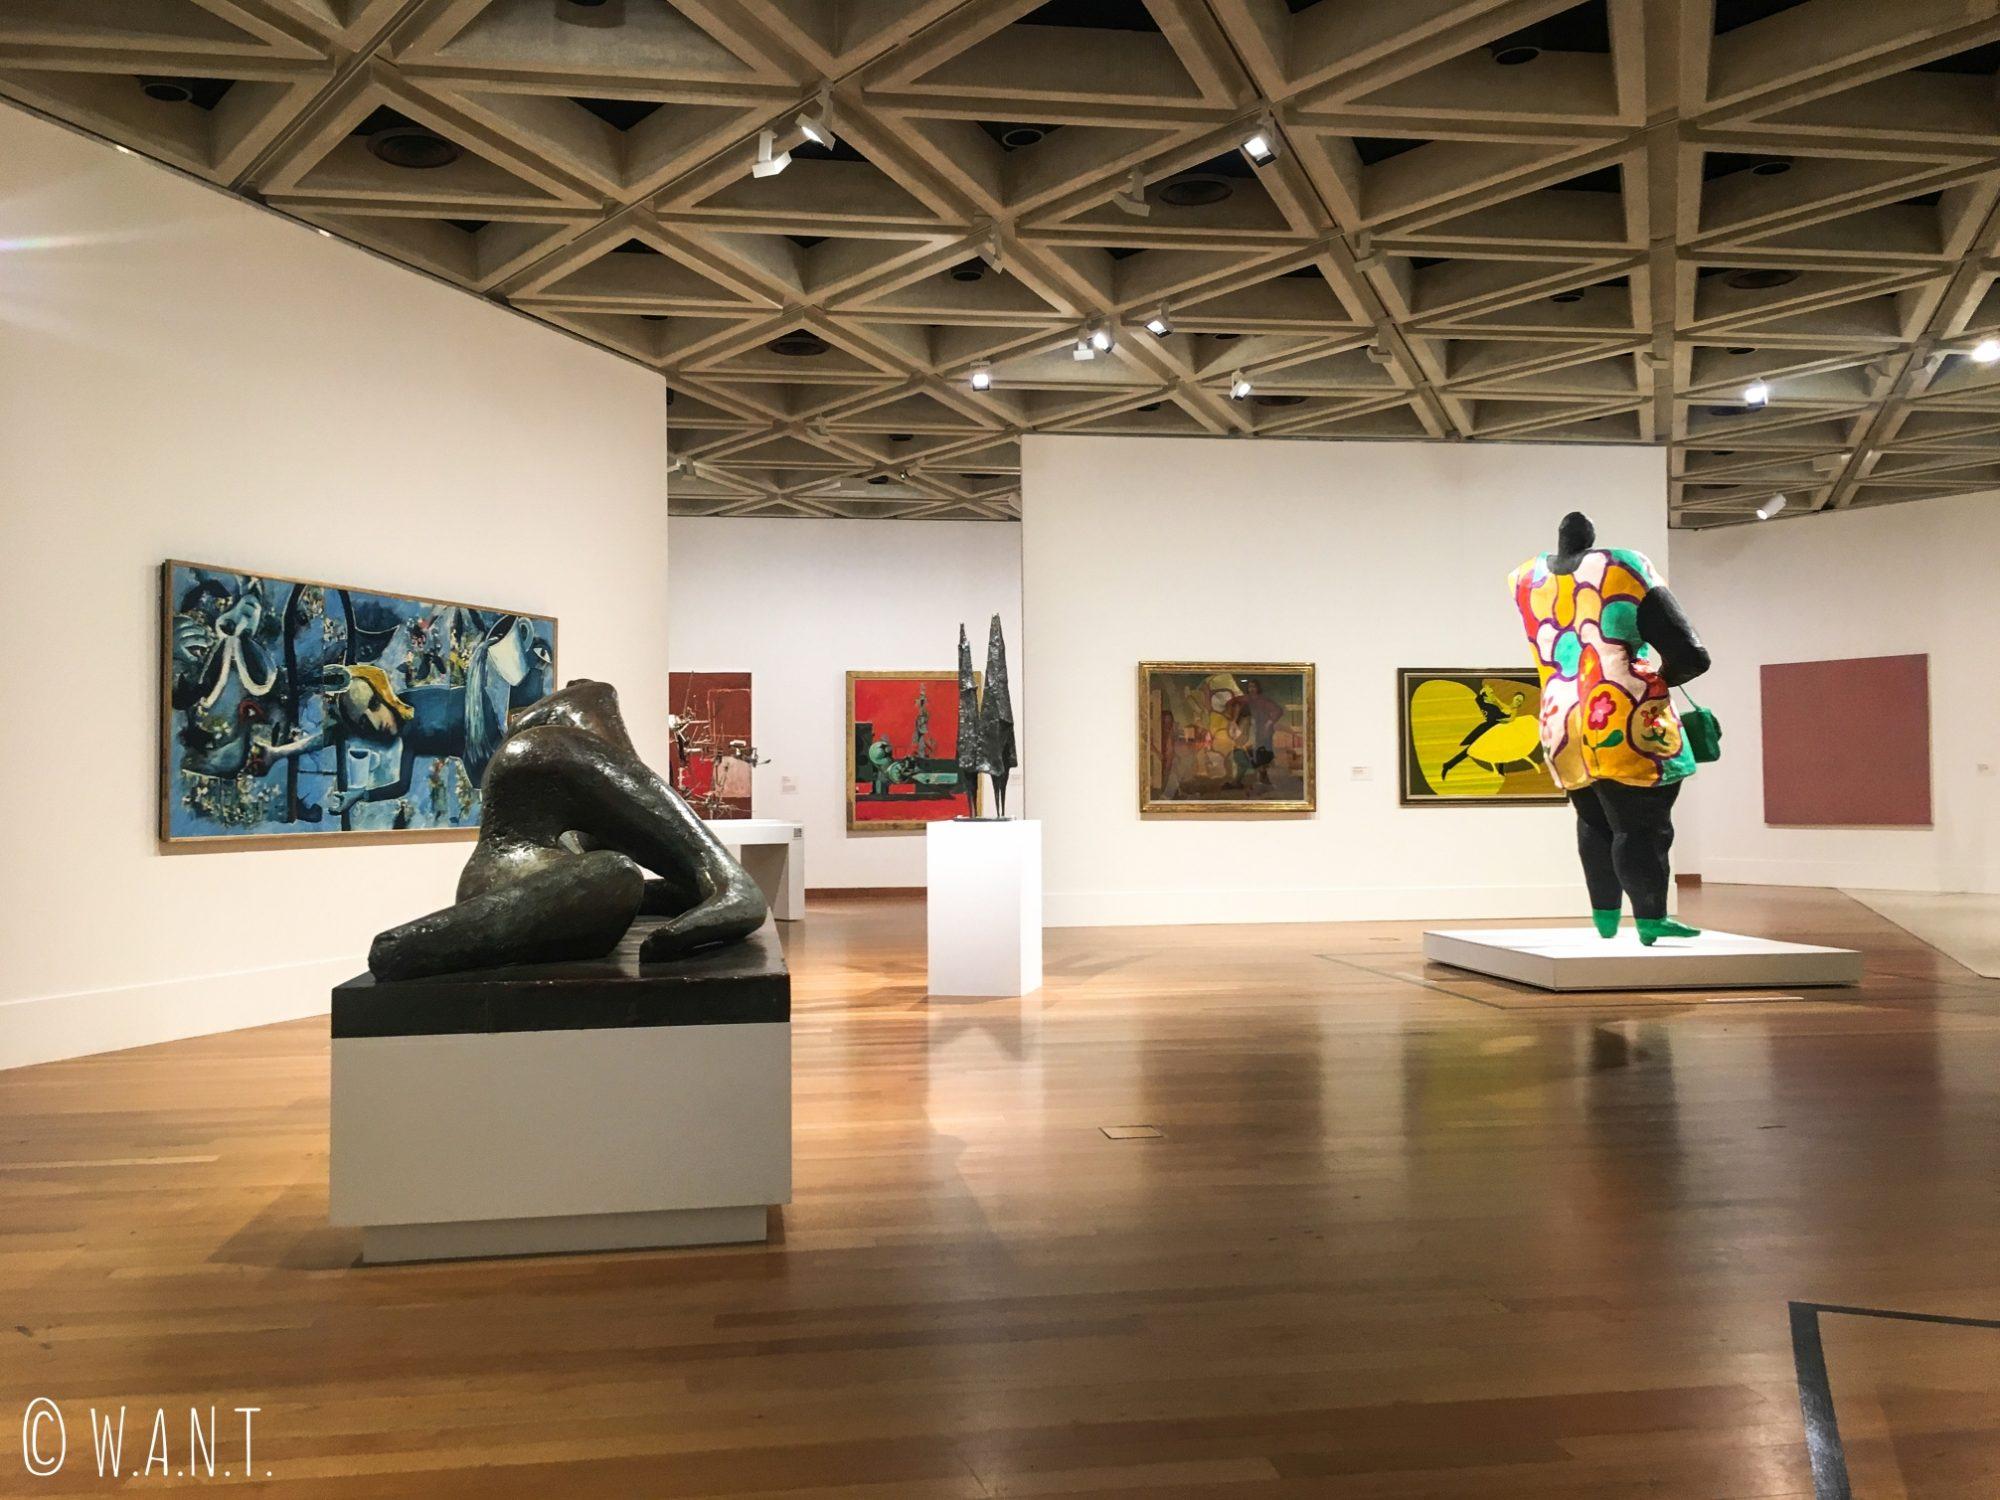 Aile moderne du Art Gallery Museum de Perth